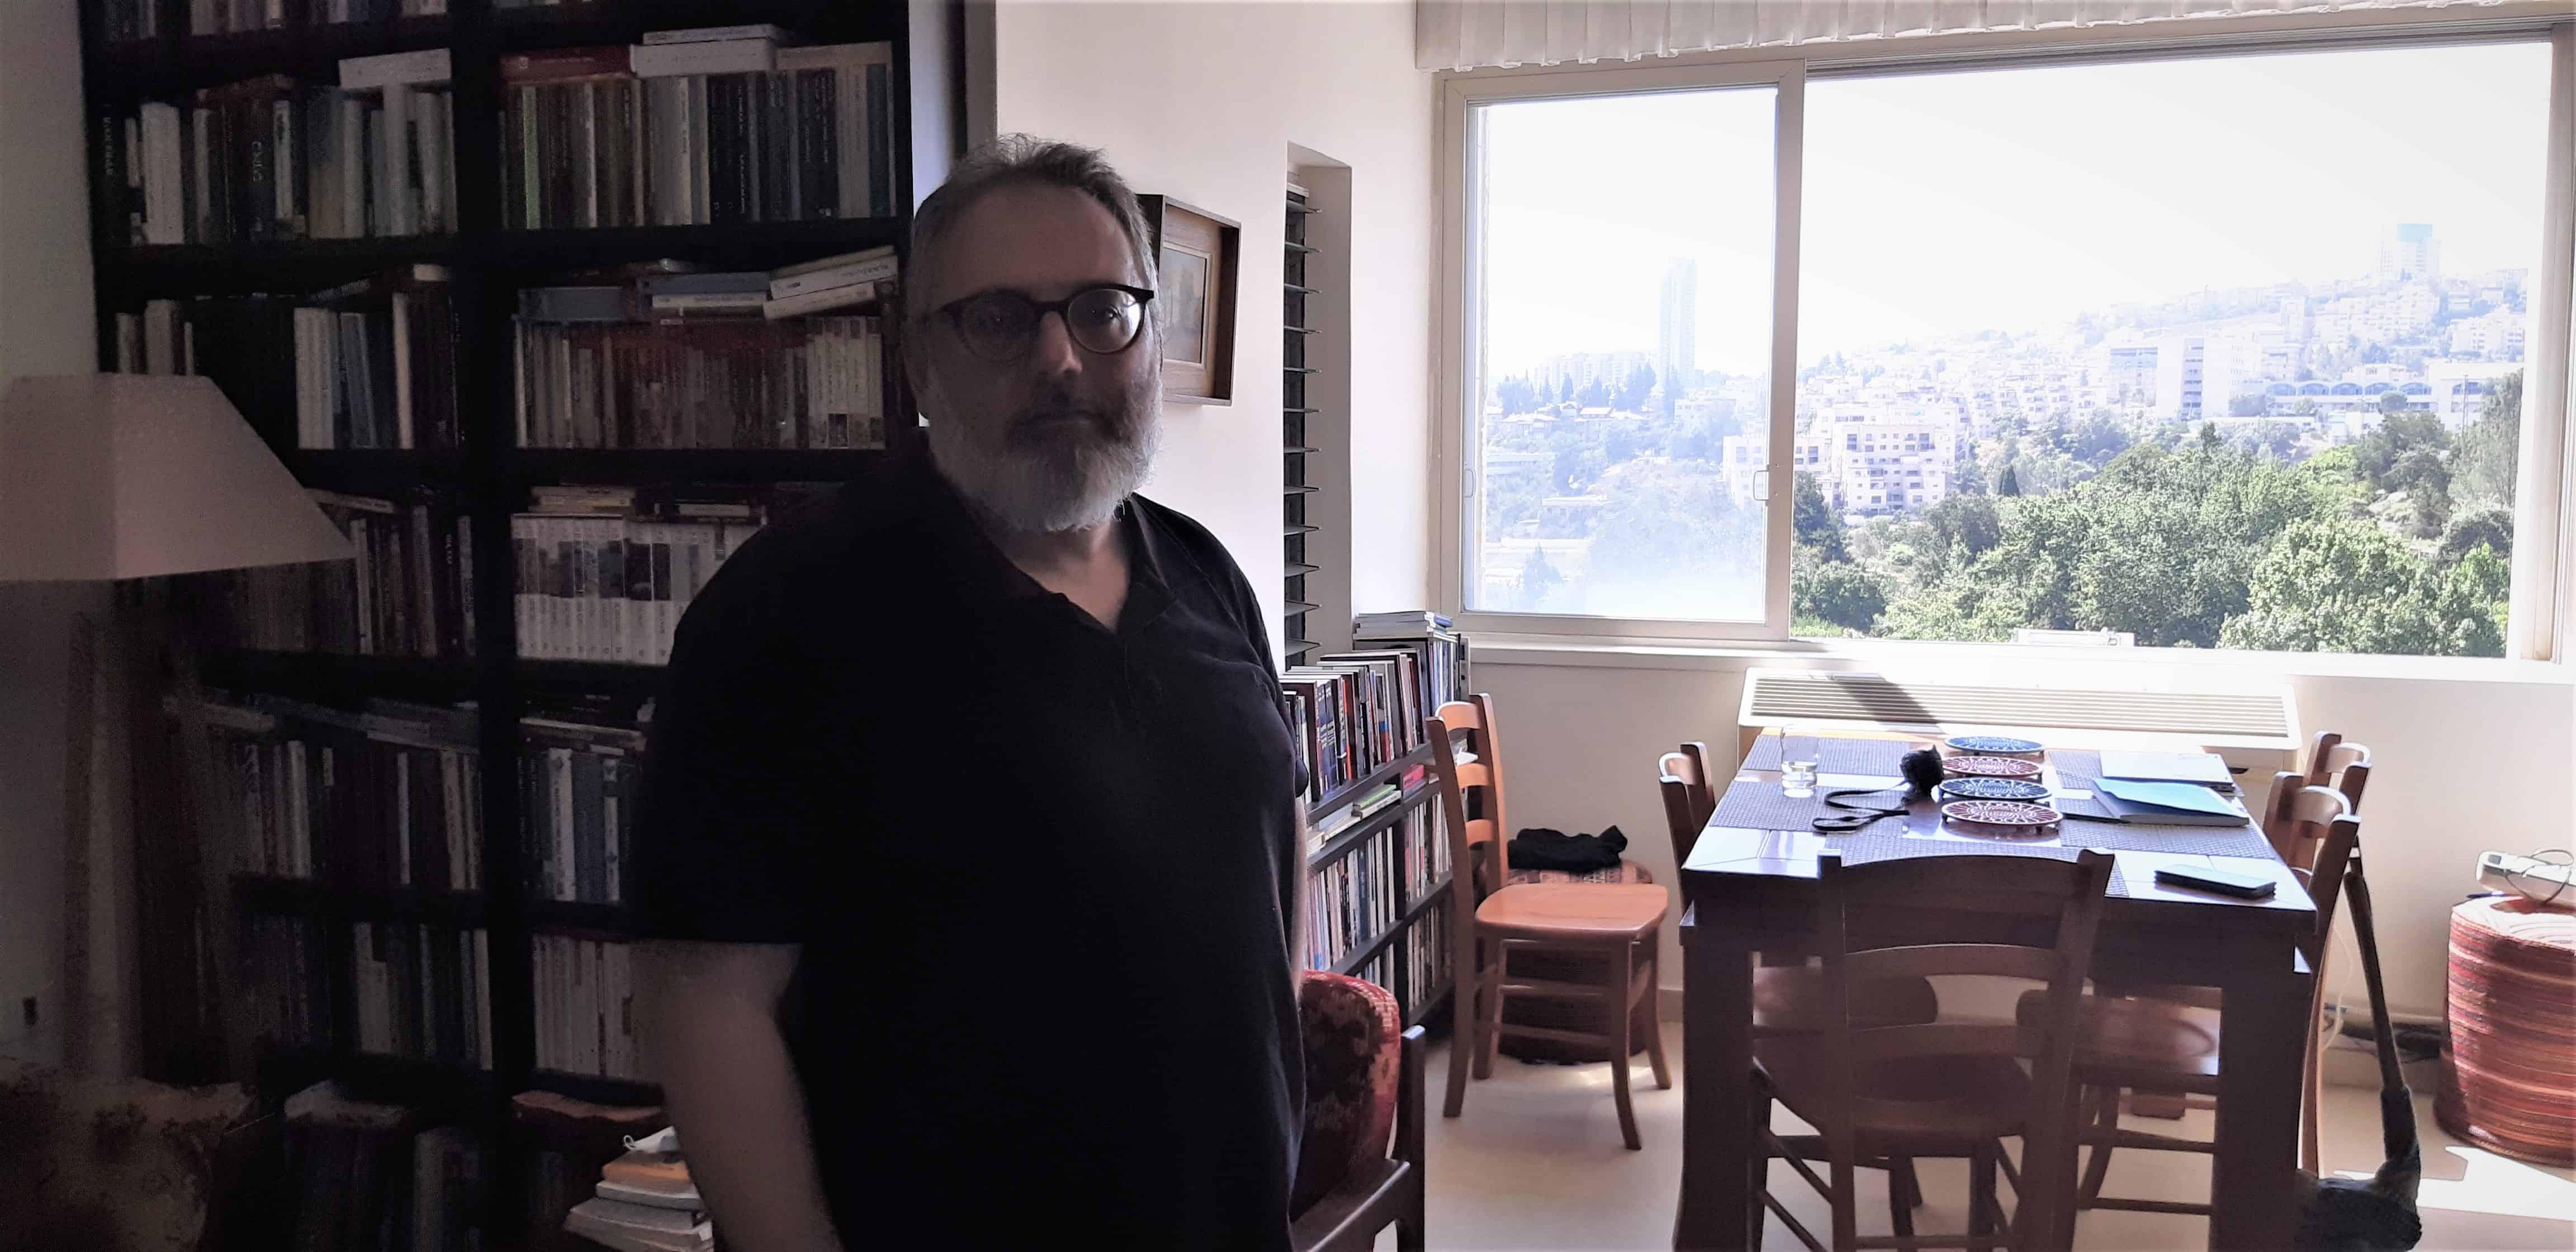 תמונות עם עמוס עוז ואהרון ברק. אלבשן בביתו